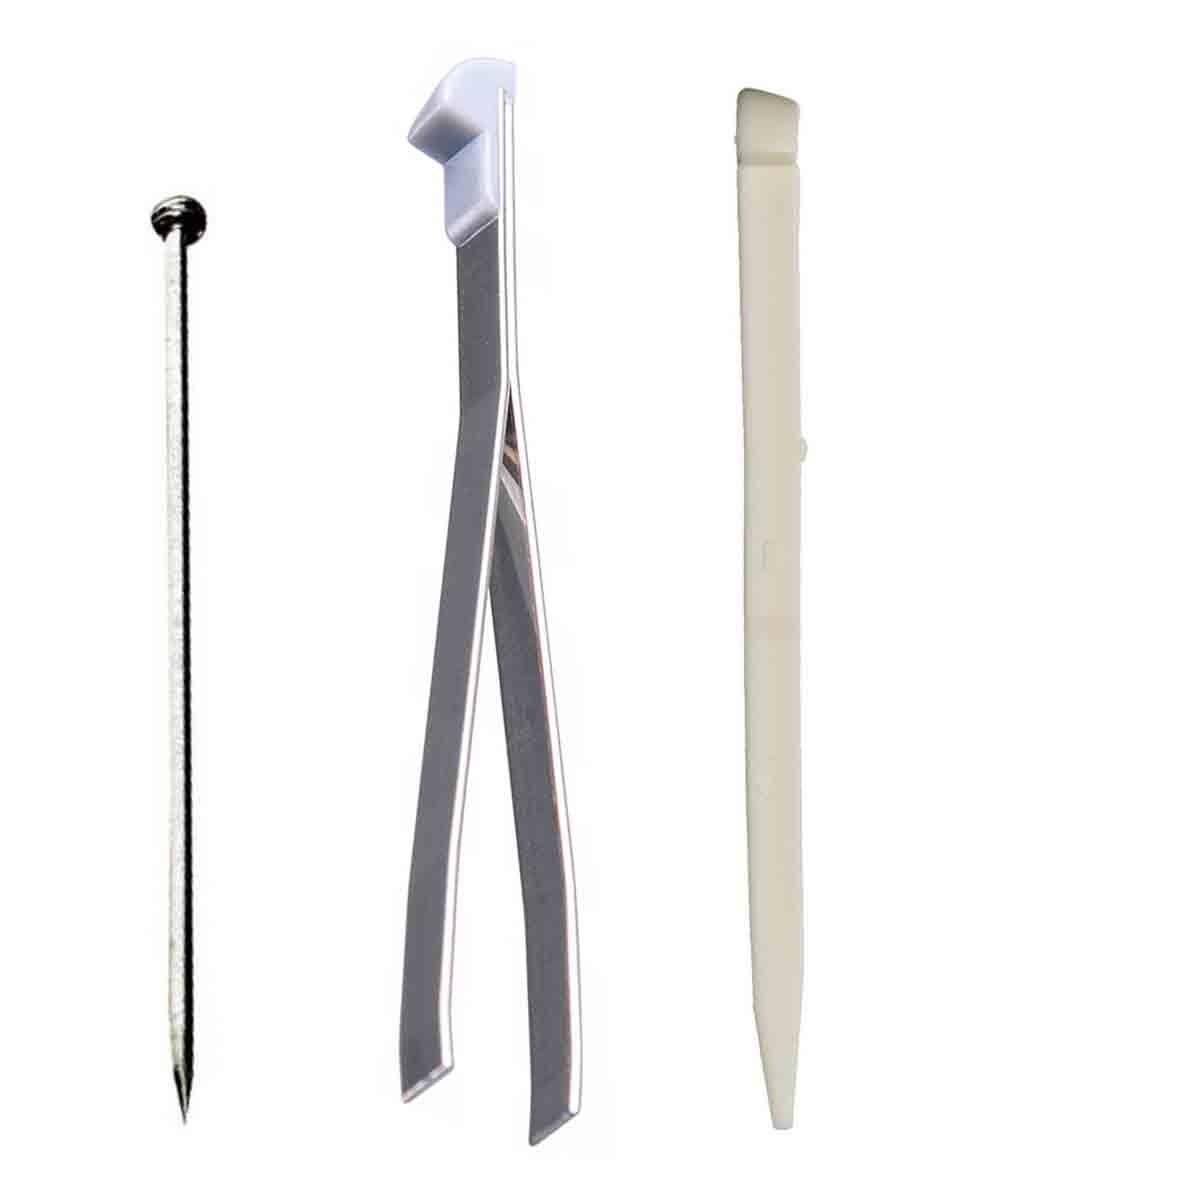 Kit Manutenção Victorinox Alfinete Pinça e Palito para canivete 91mm ou maior